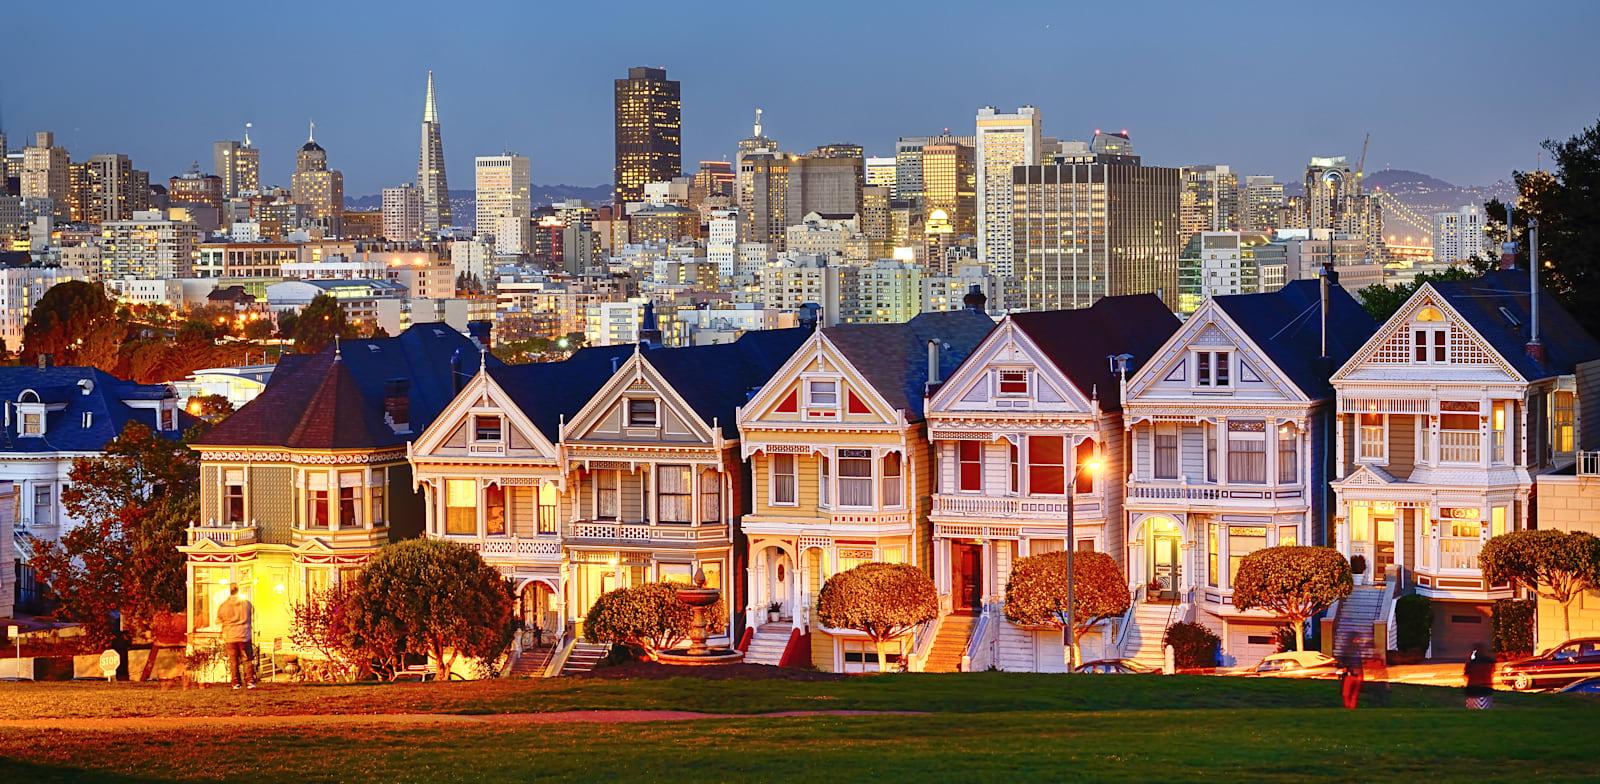 סן פרנסיסקו. אוכלוסיית קליפורניה הצטמצמה / צילום: Shutterstock